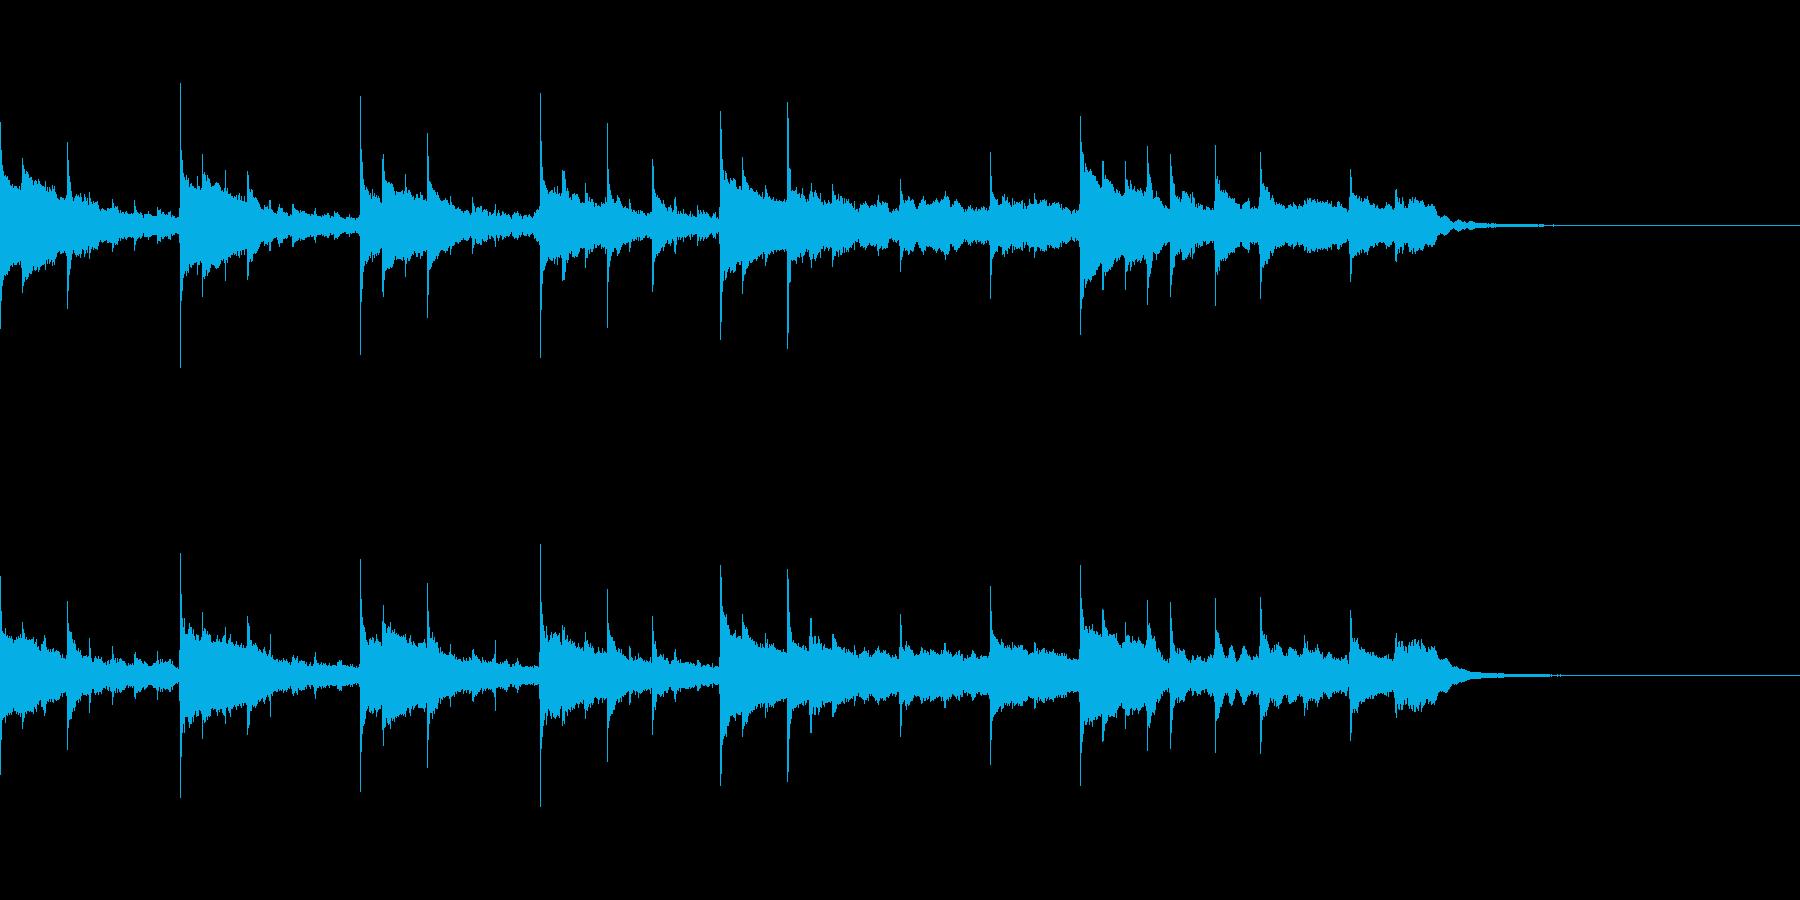 優しいクリスタル音の長めジングルの再生済みの波形